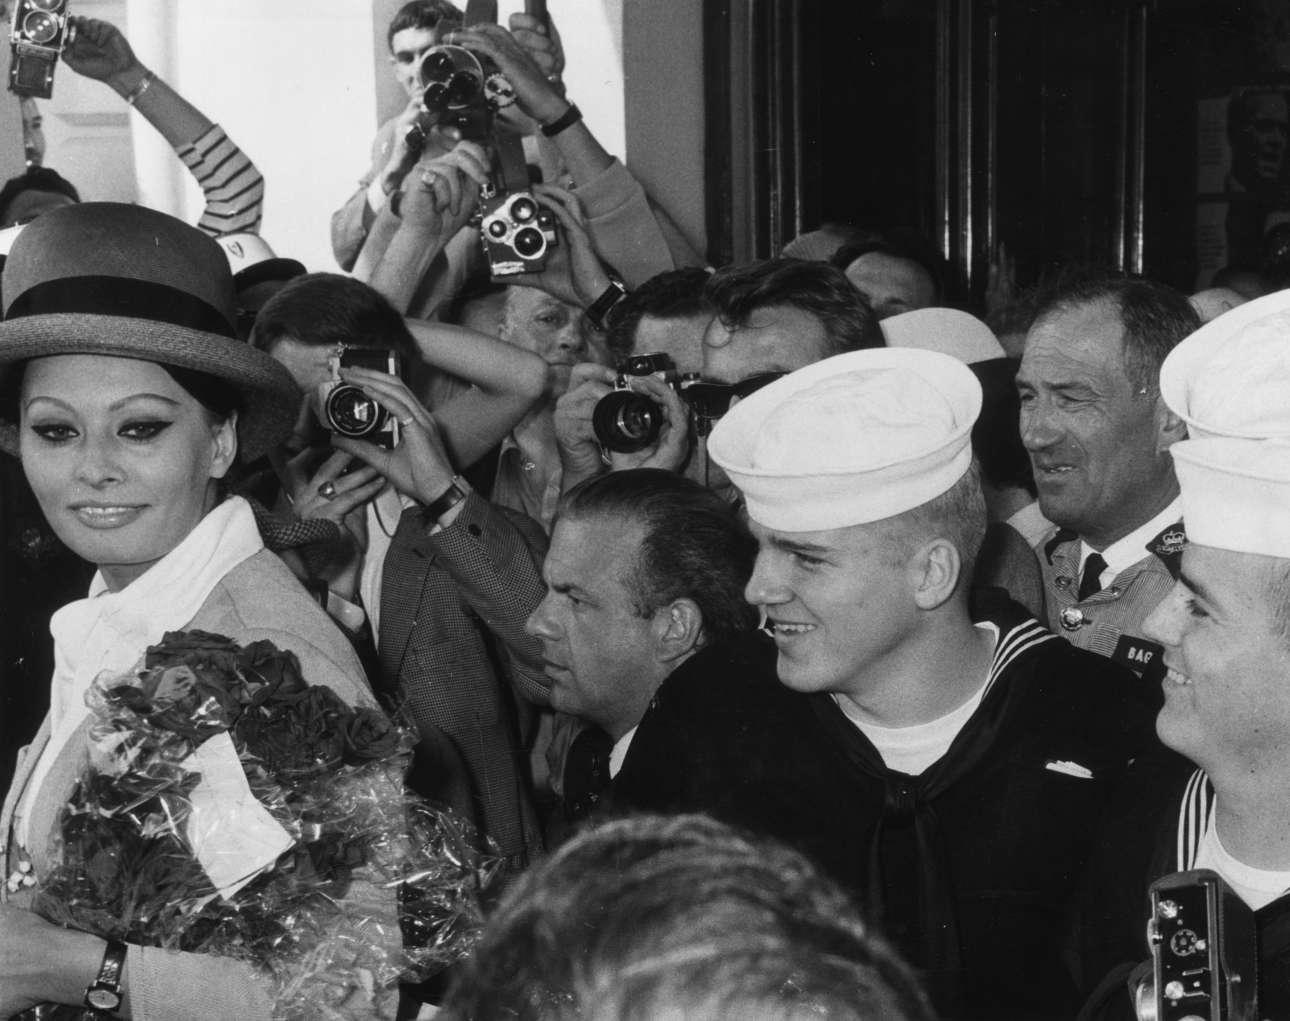 Μάιος του 1964, η Σοφία Λόρεν καταφθάνει στις Κάννες. Την υποδέχεται ένας στρατός από φωτογράφους και εικονολήπτες, αλλά και αμερικανοί ναύτες